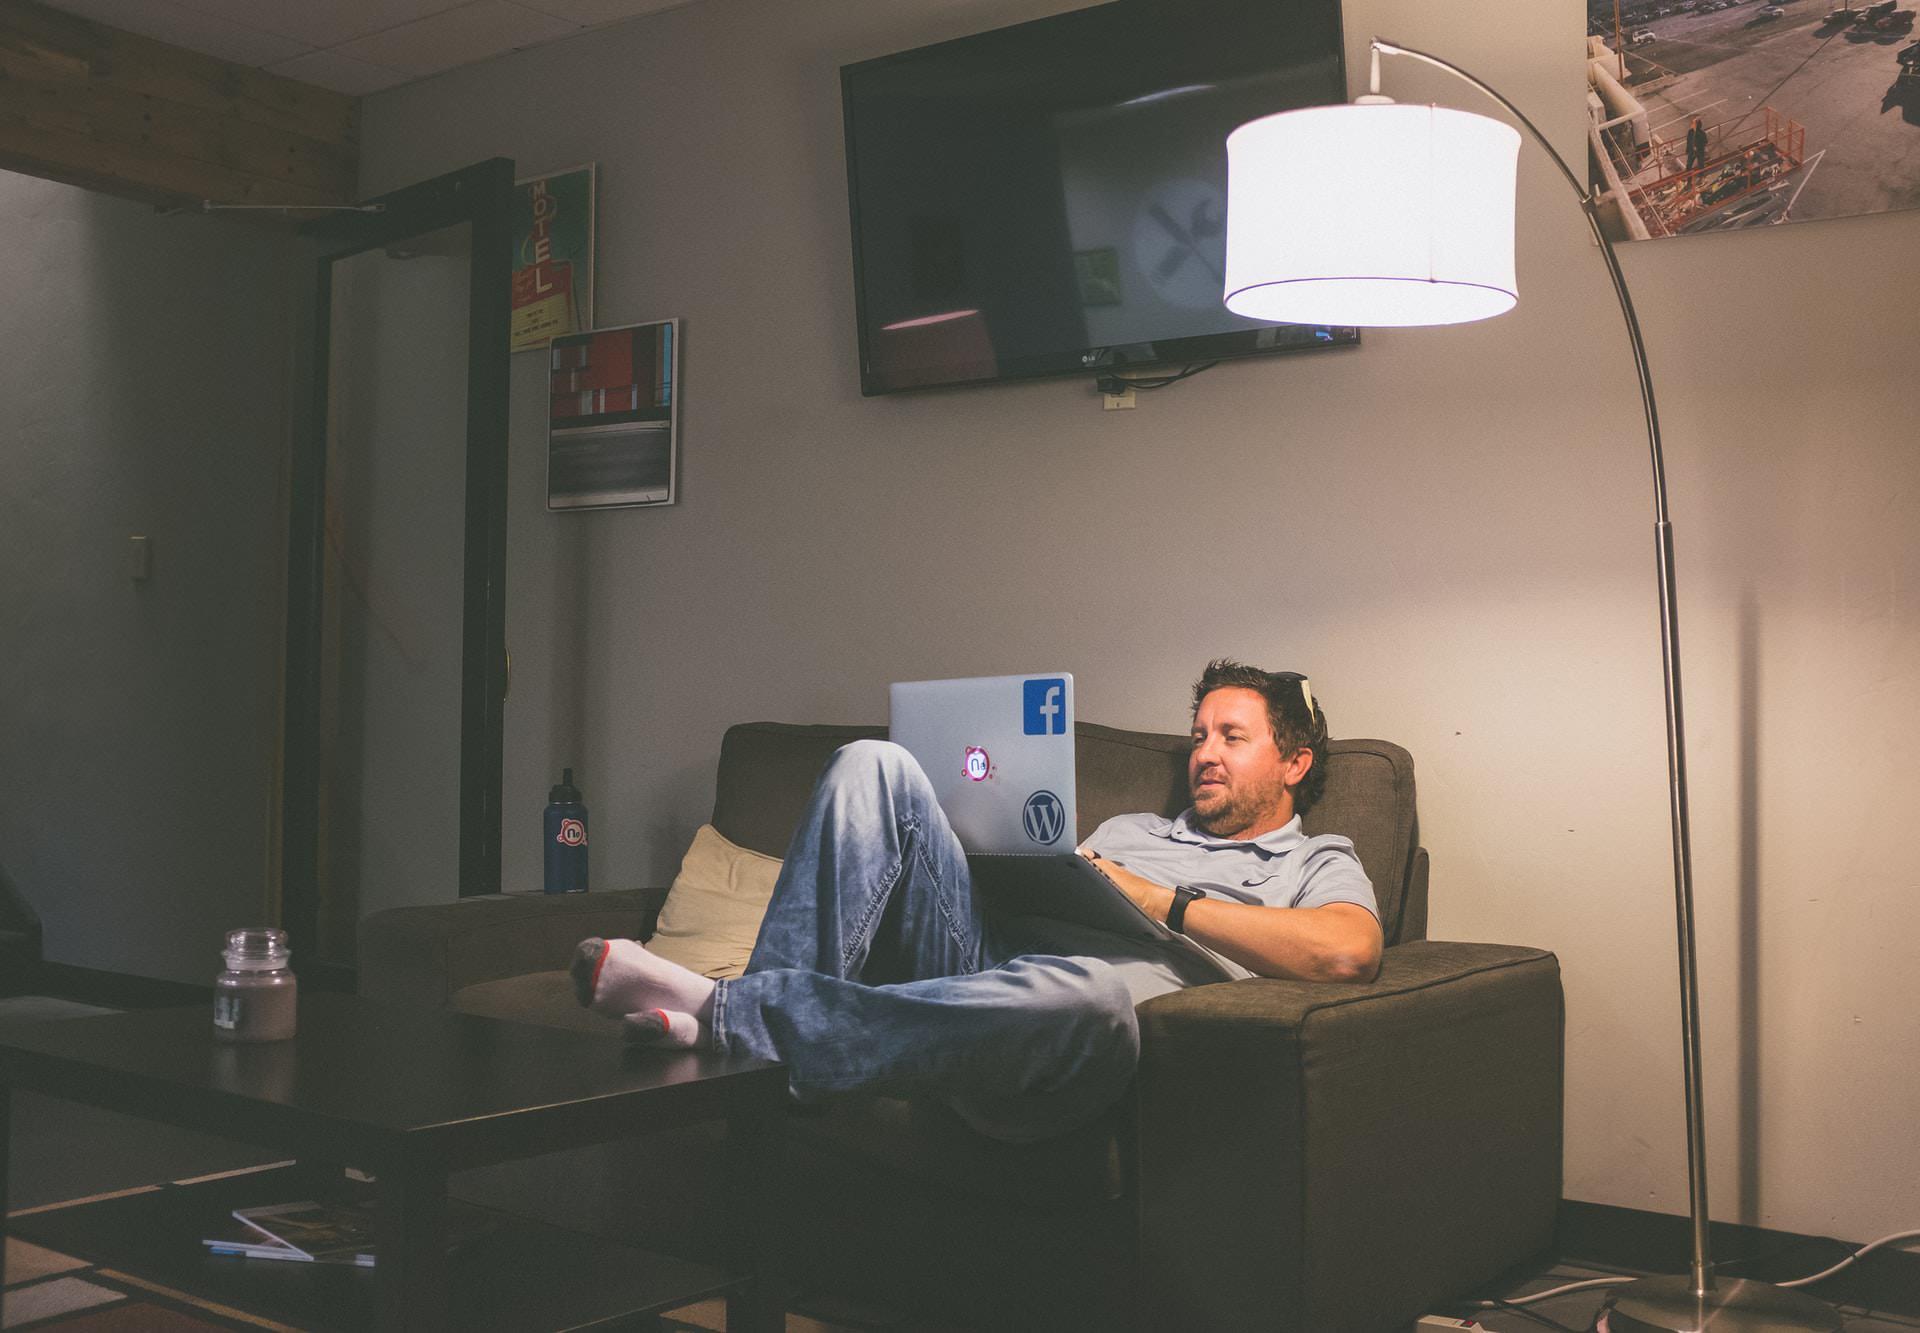 ソファやベッドでパソコン(ノートPC)の作業を姿勢良く行い、膝での作業をなくす最適なテーブル・スタンド5